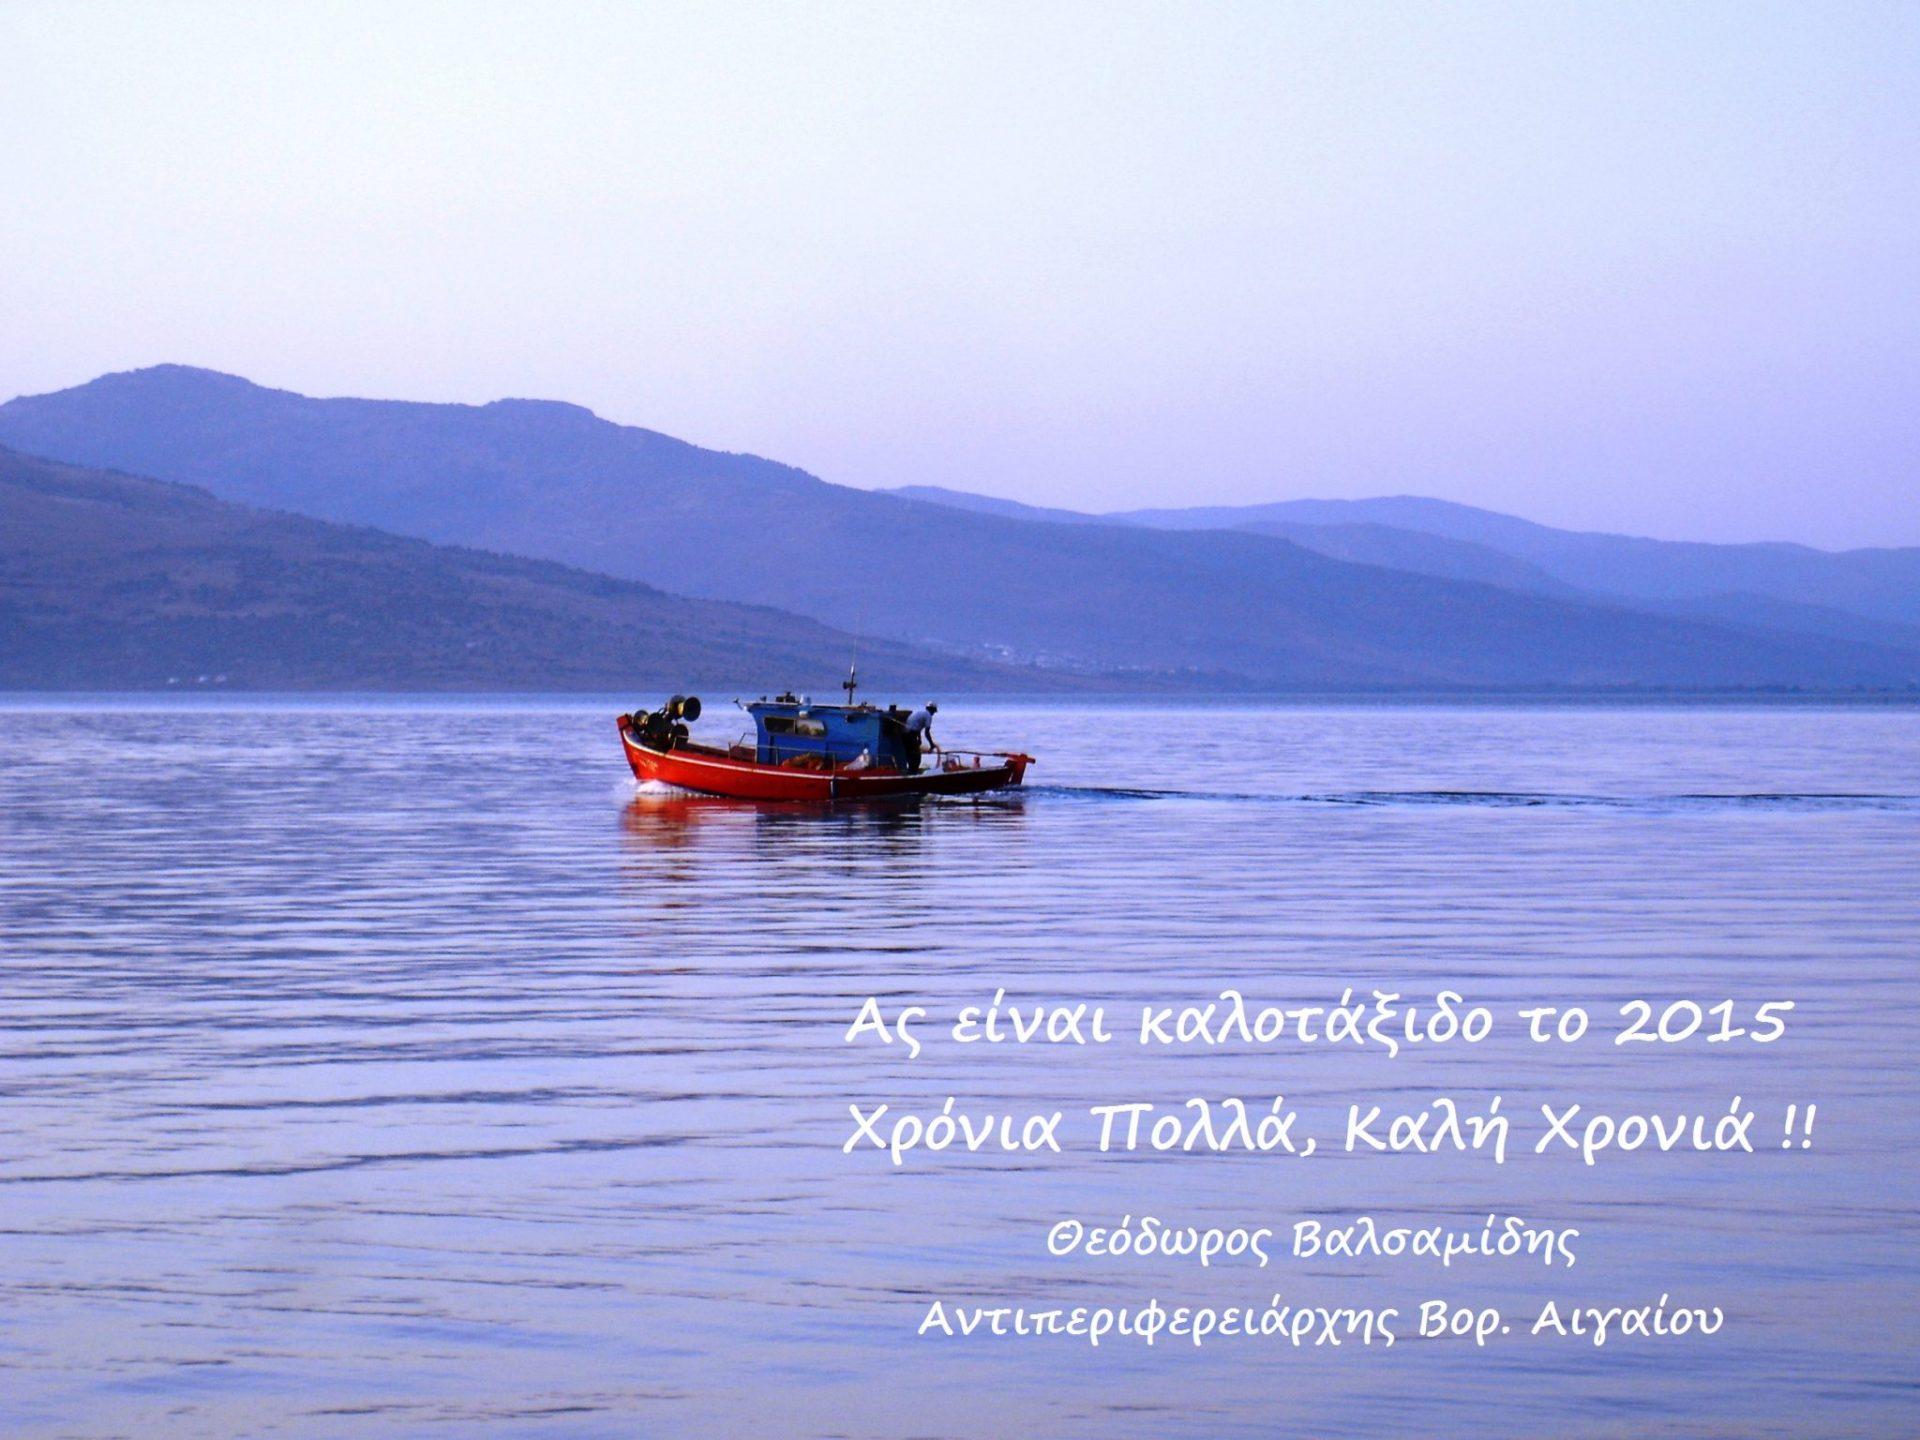 Ευχές_2015_Θ.Βαλσαμίδης